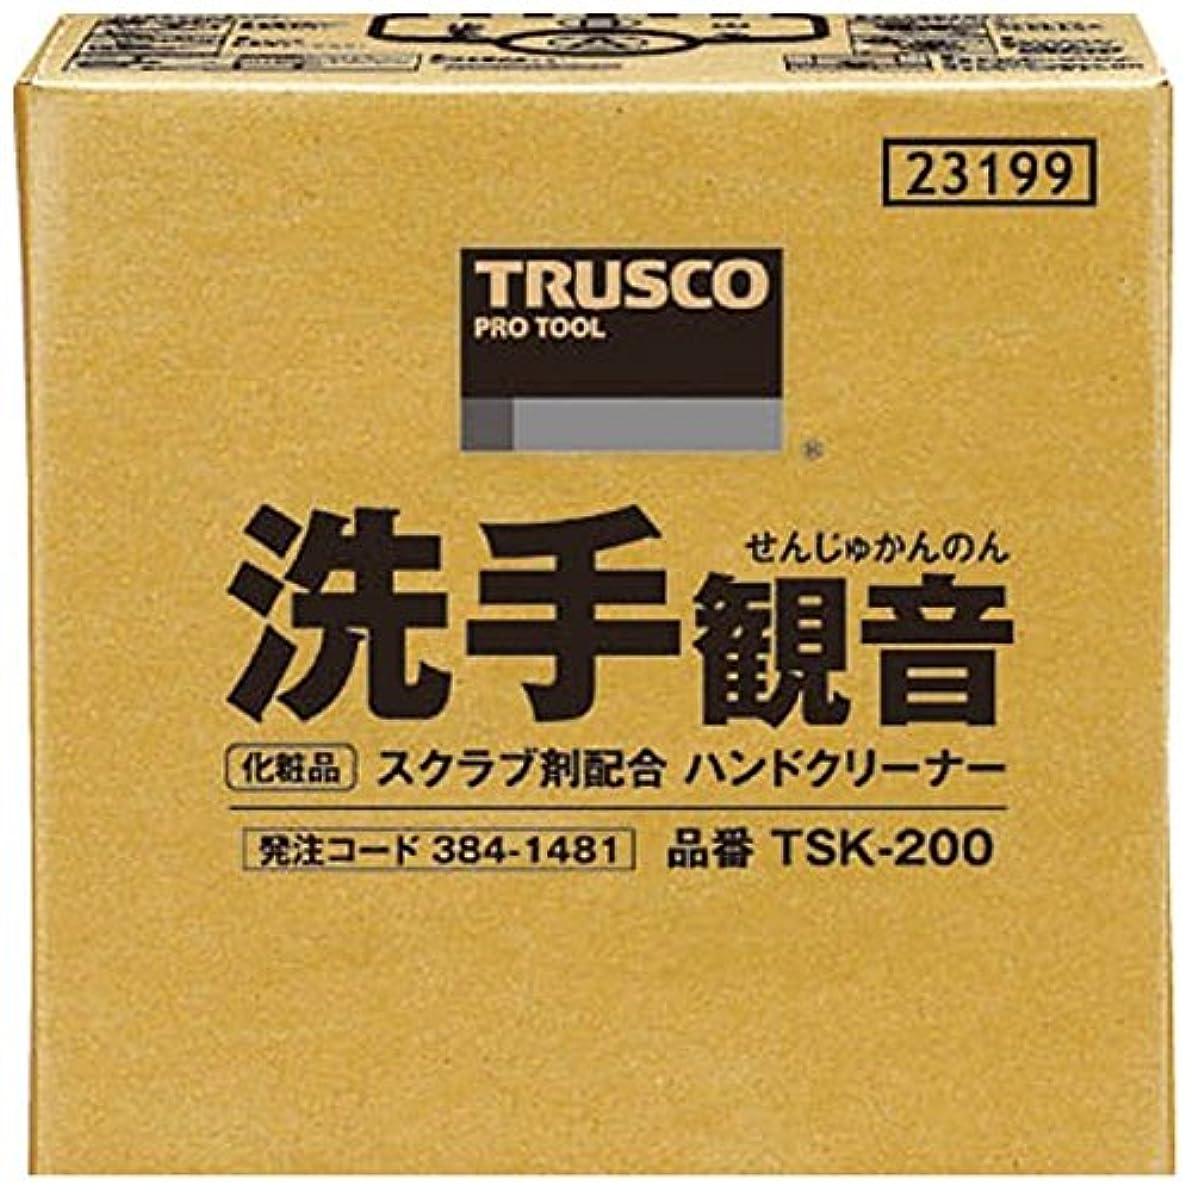 痴漢概要バルーンTRUSCO 洗手観音 20kg バックインボックス TSK-200